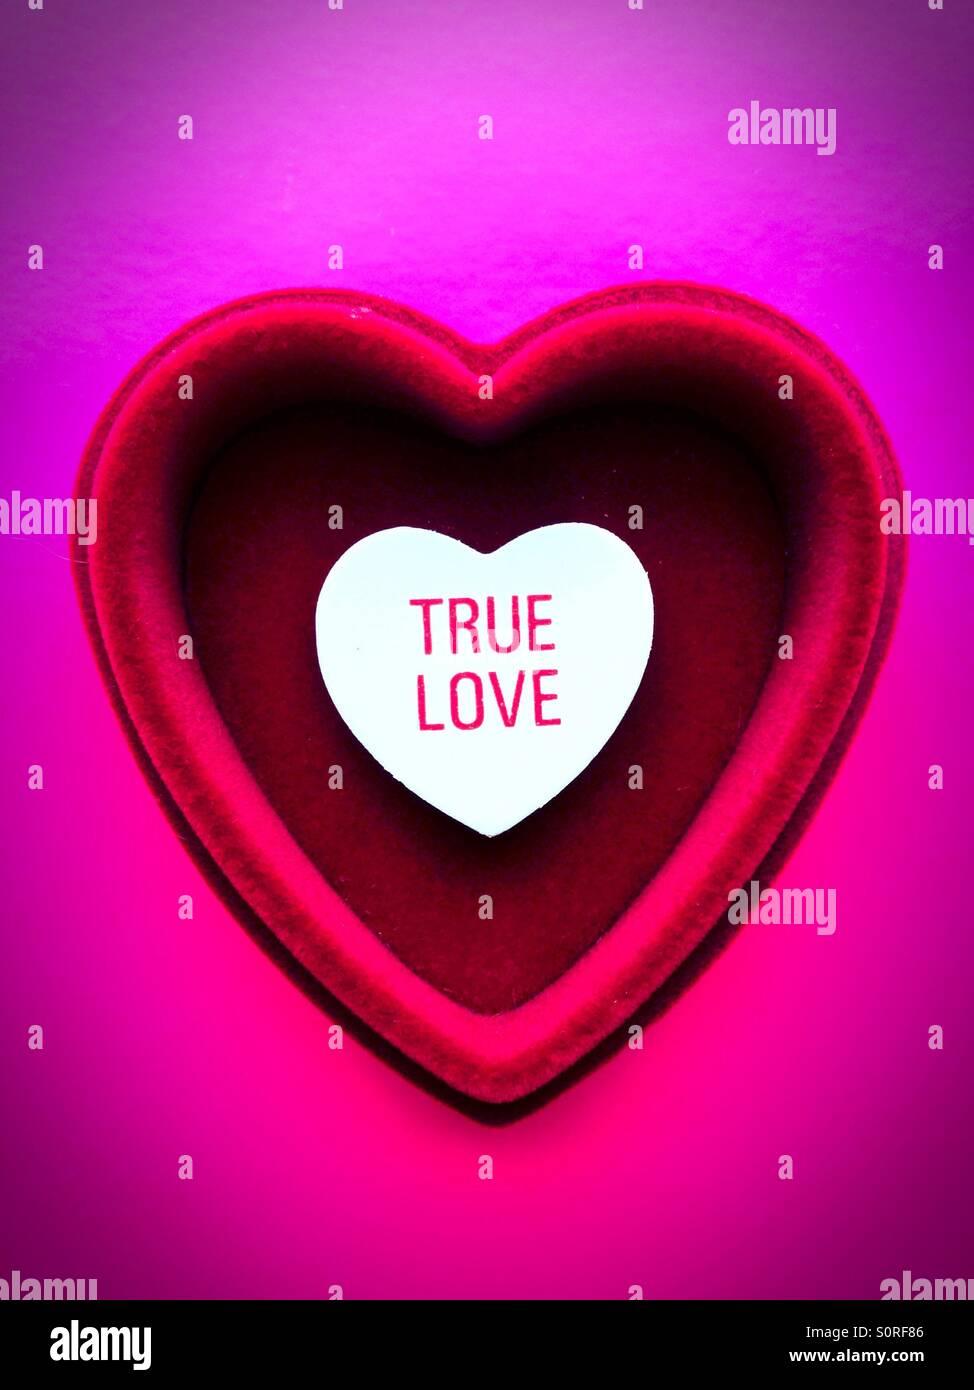 Un cuore dentro un altro cuore con le parole il vero amore scritto su di esso. Immagini Stock